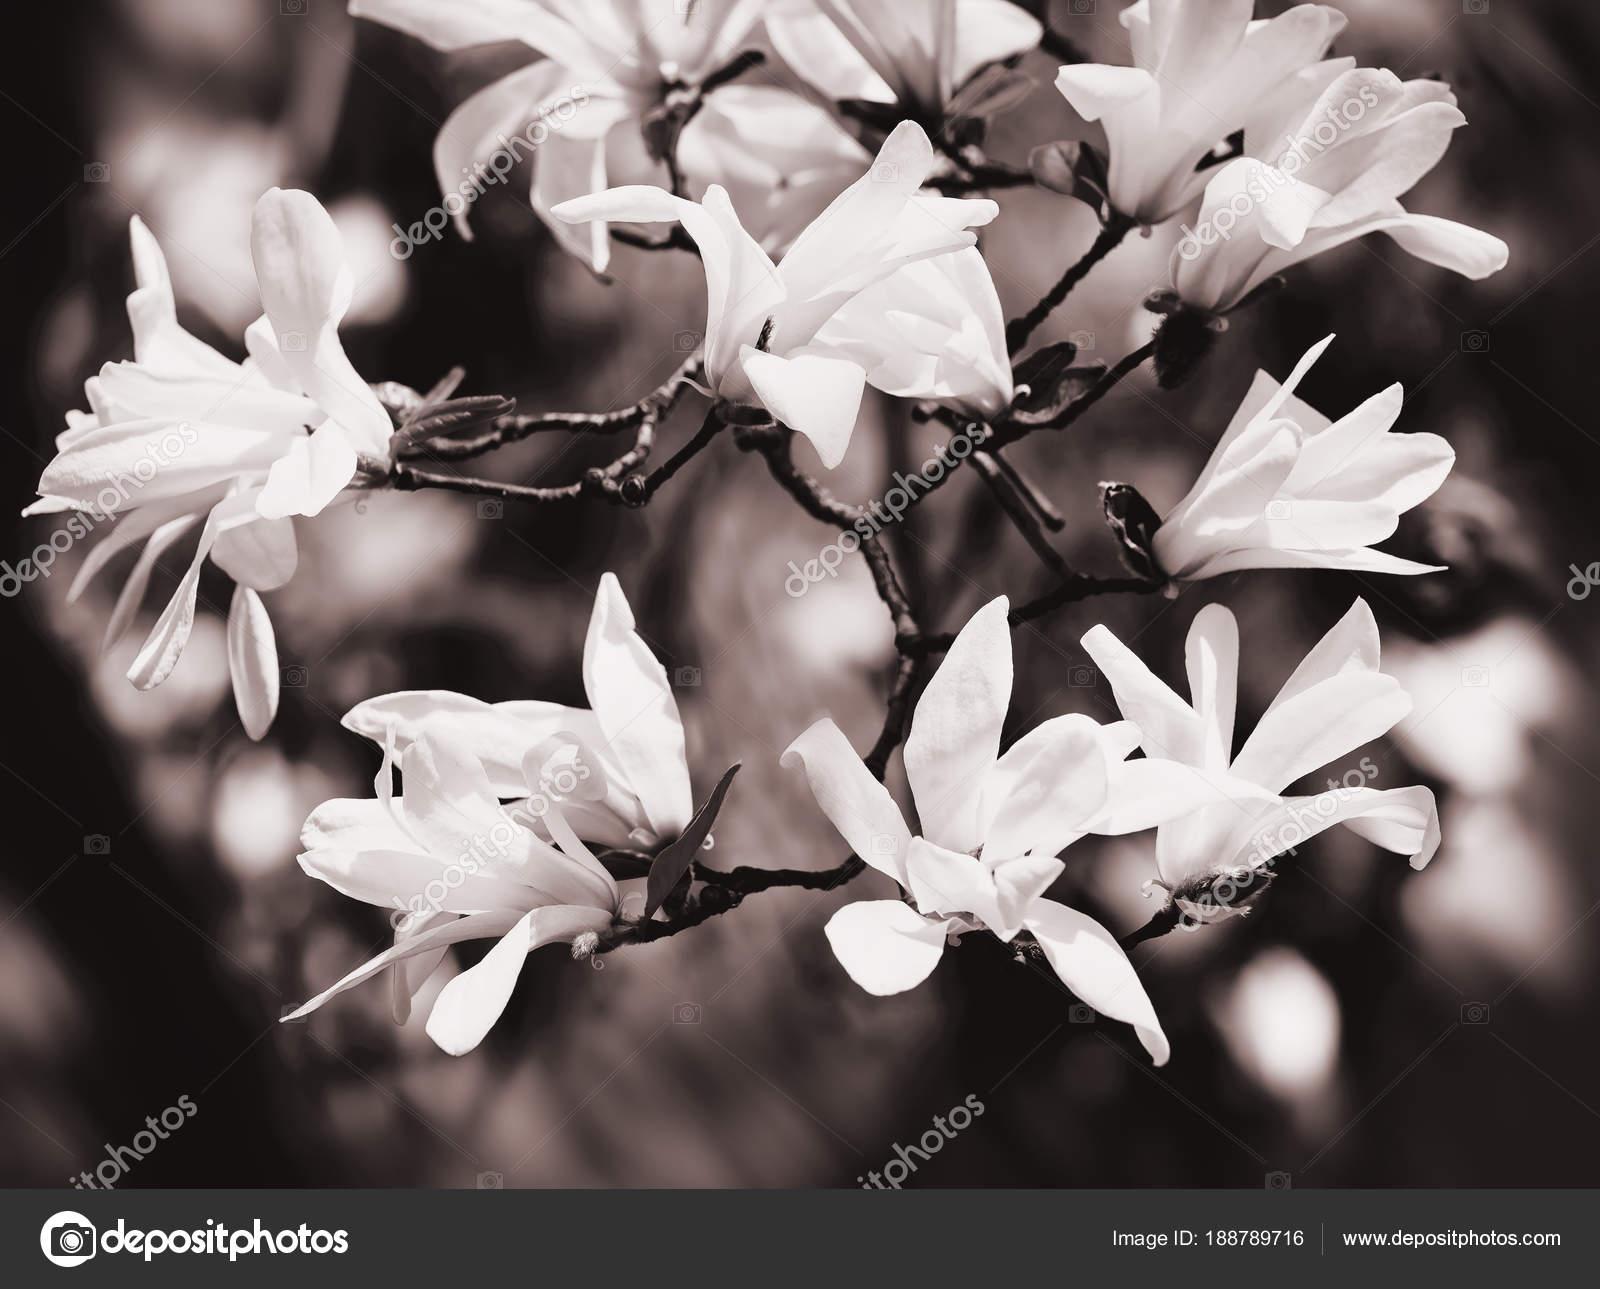 Magnolia Arvore Florescente Stock Photo C Palinchak 188789716